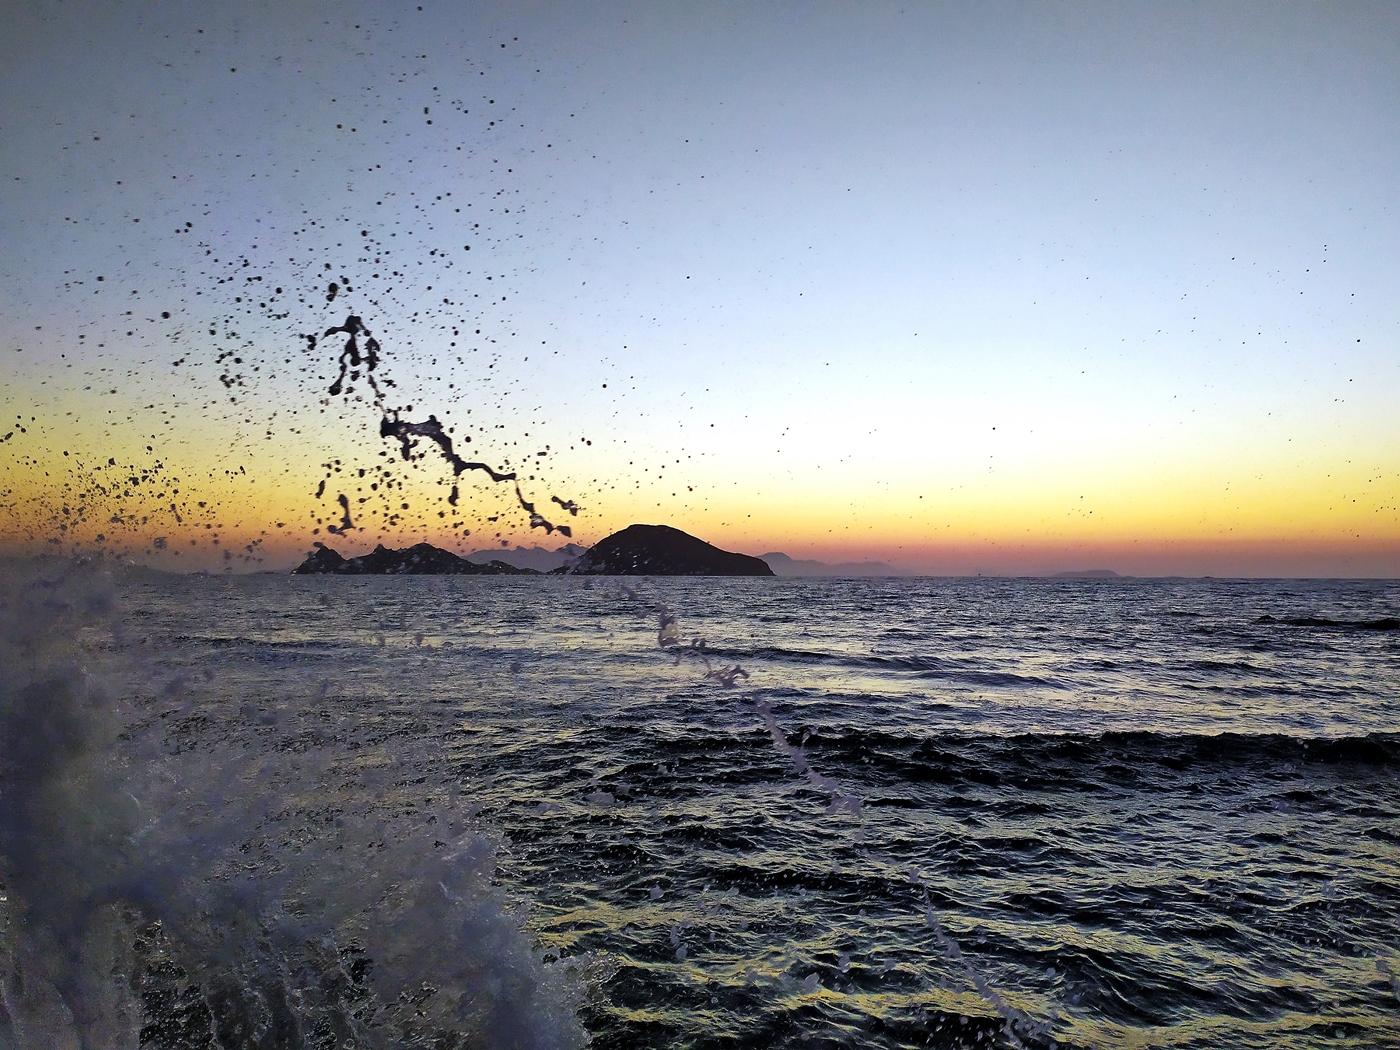 Landscape, Sunset, Aegean Sea, Waves, Waves Crashing